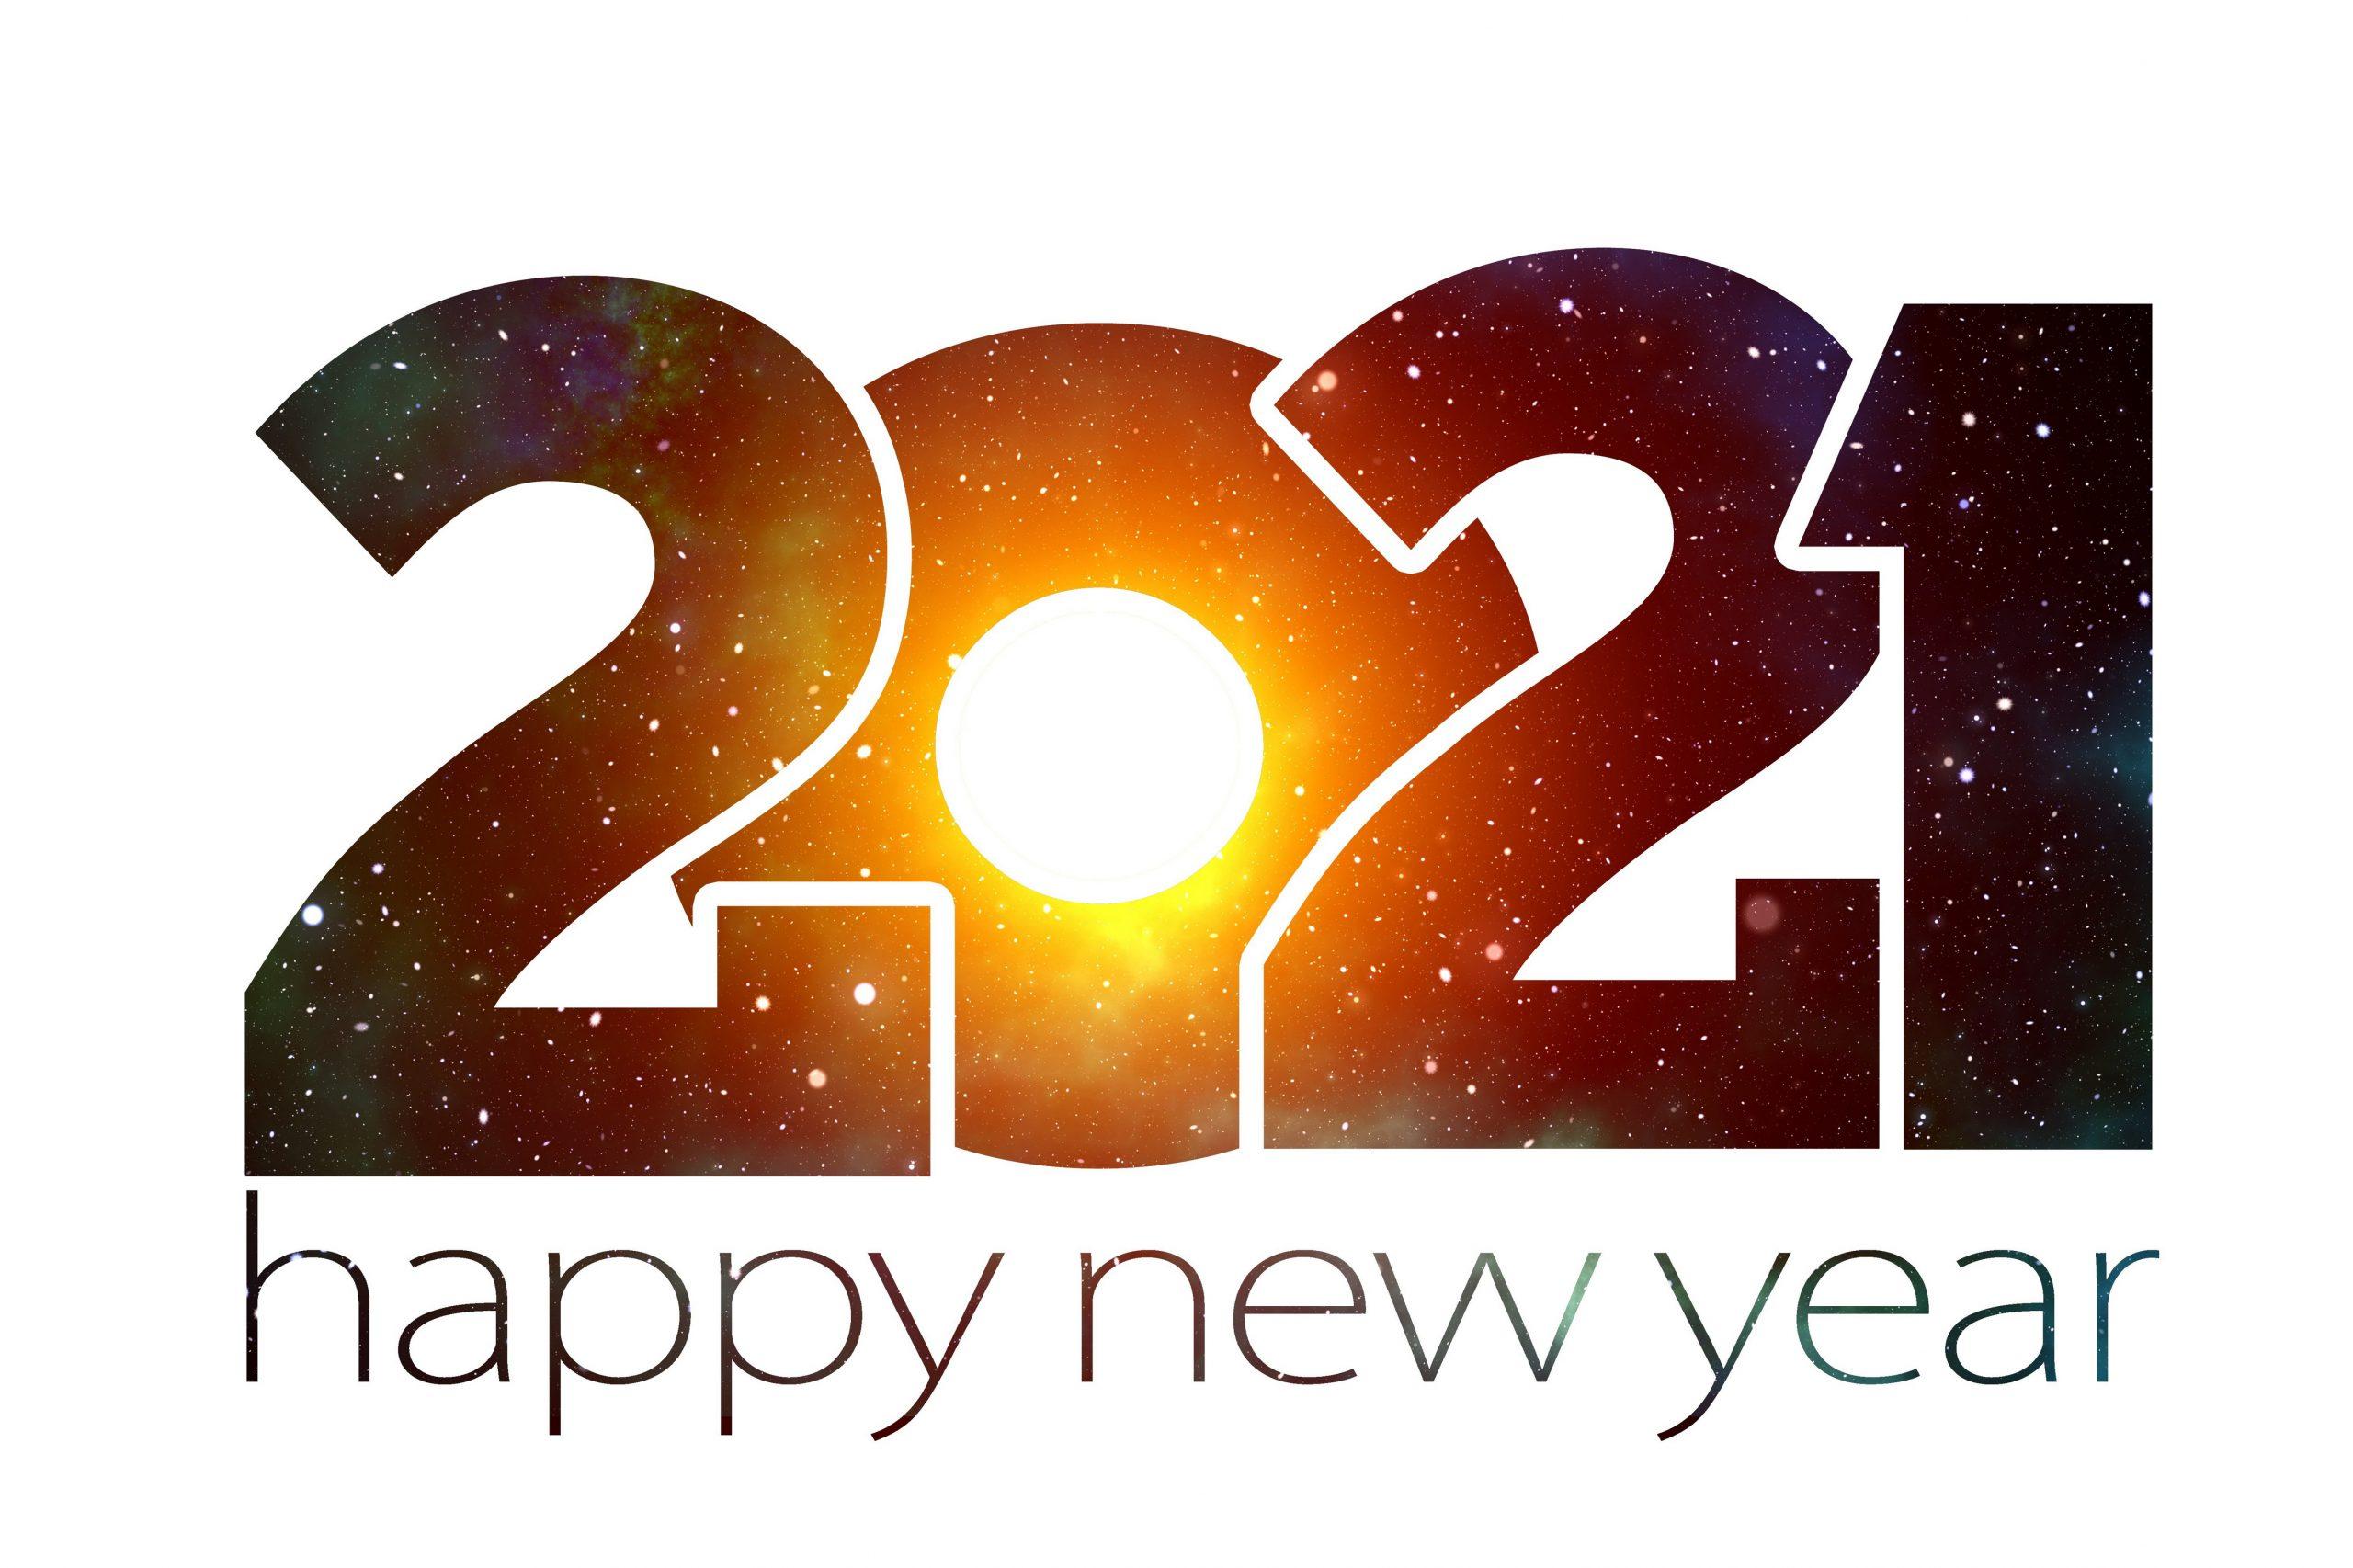 hình chúc mừng năm mới 2021